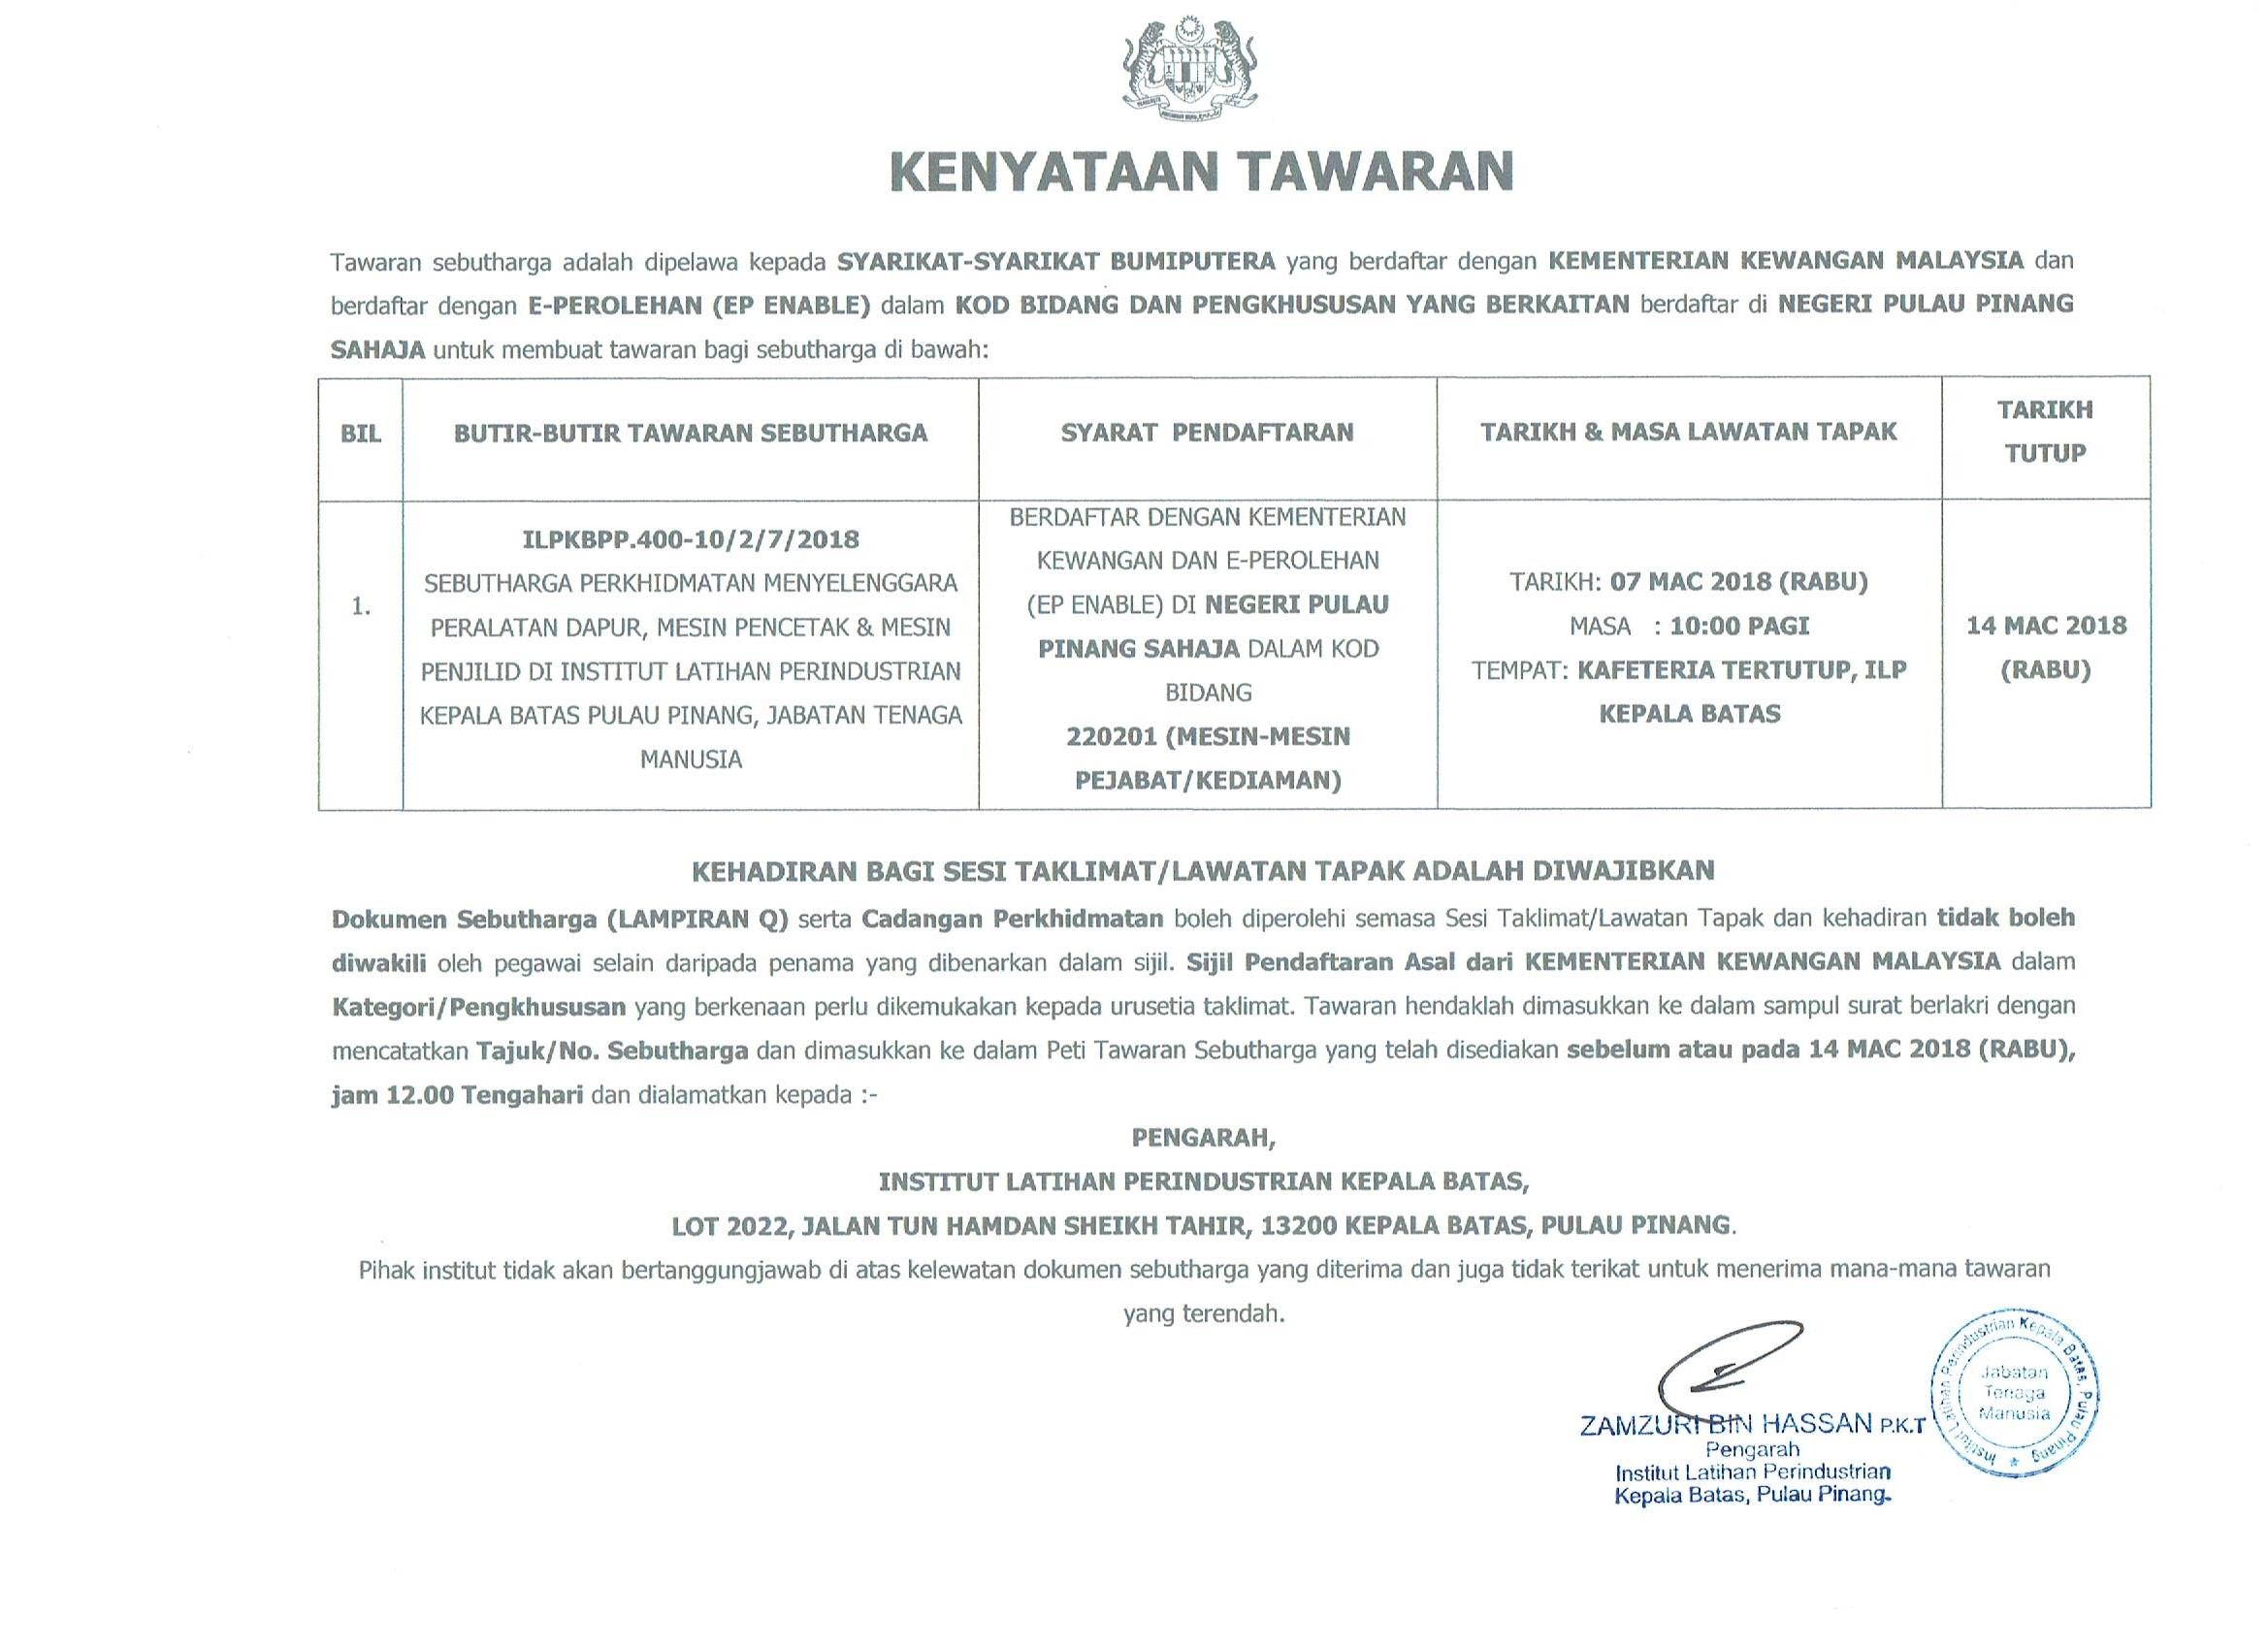 Syarikat Sebutharga Perkhidmatan Menyelenggara Peralatan Dapur Mesin Pencetak Penjilid Di Insut Latihan Perindustrian Kepala Batas U Pinang